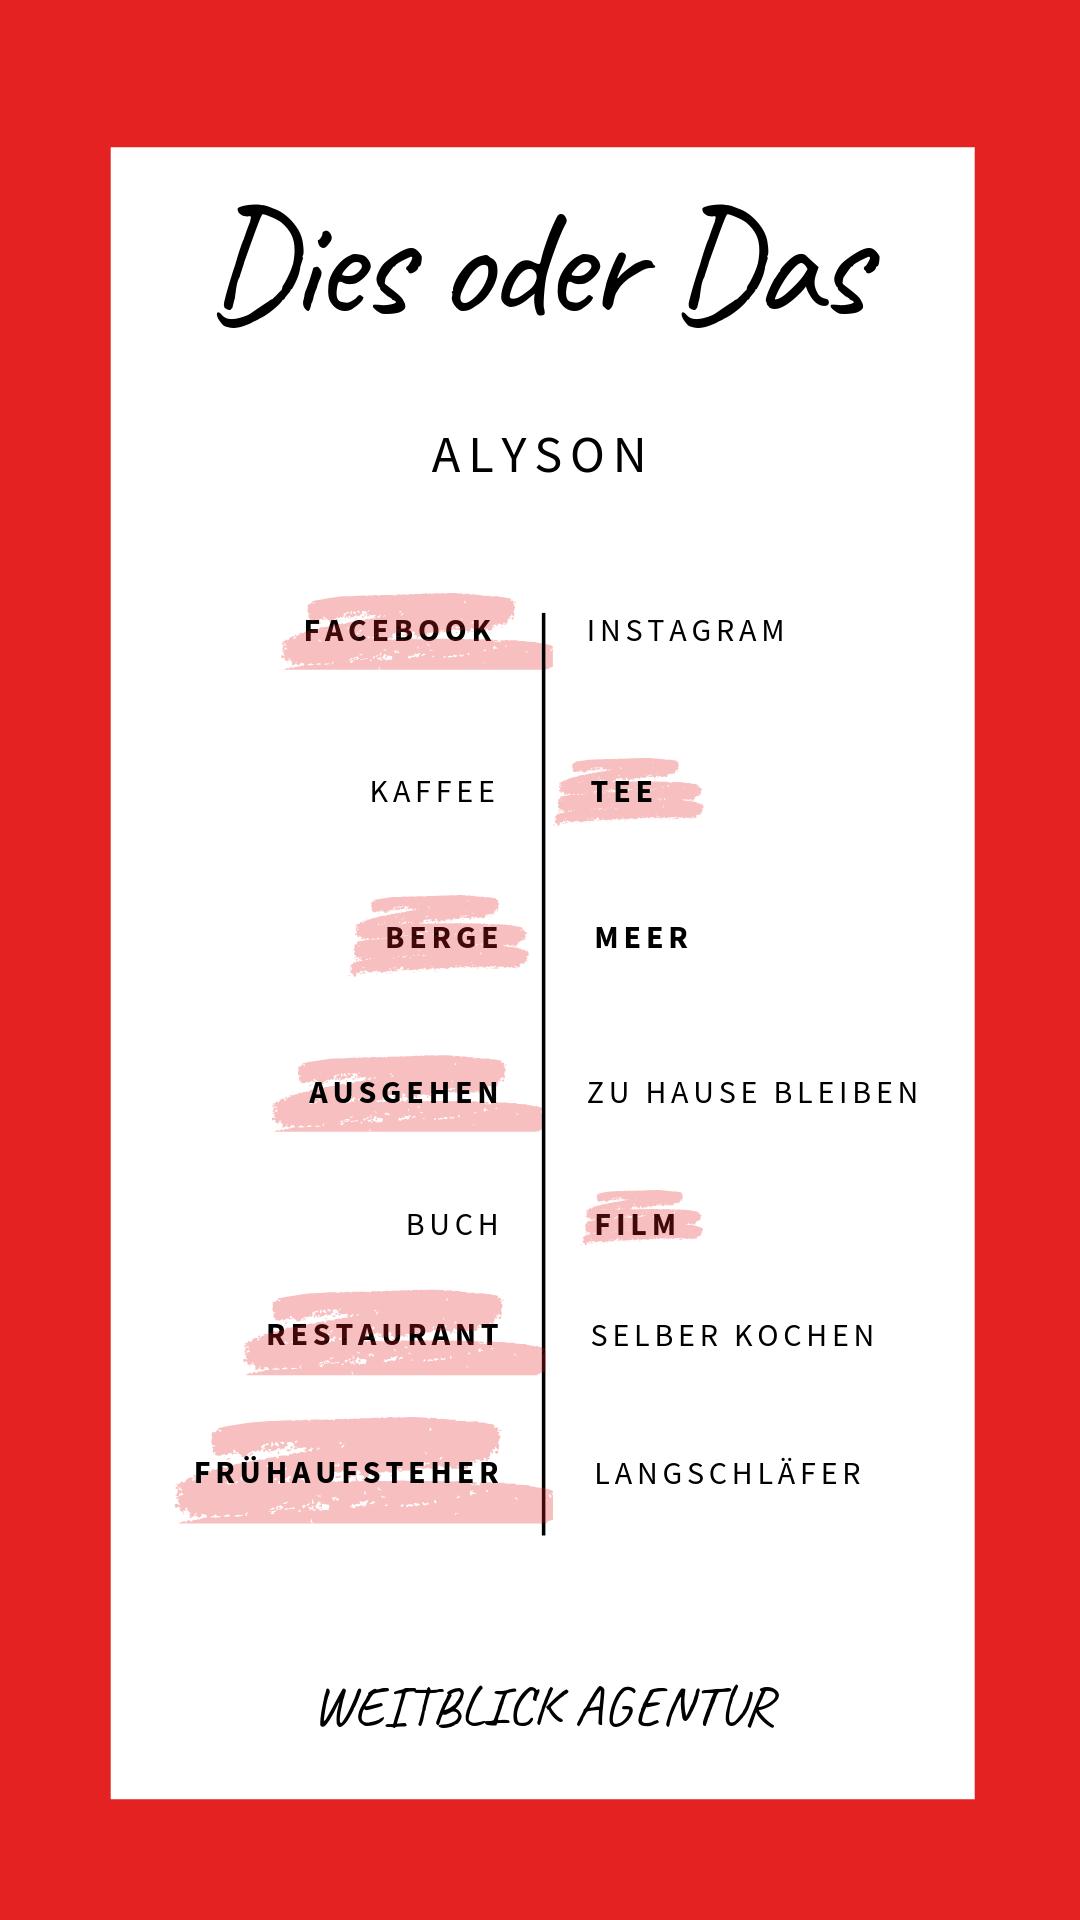 Dies oder das Alyson